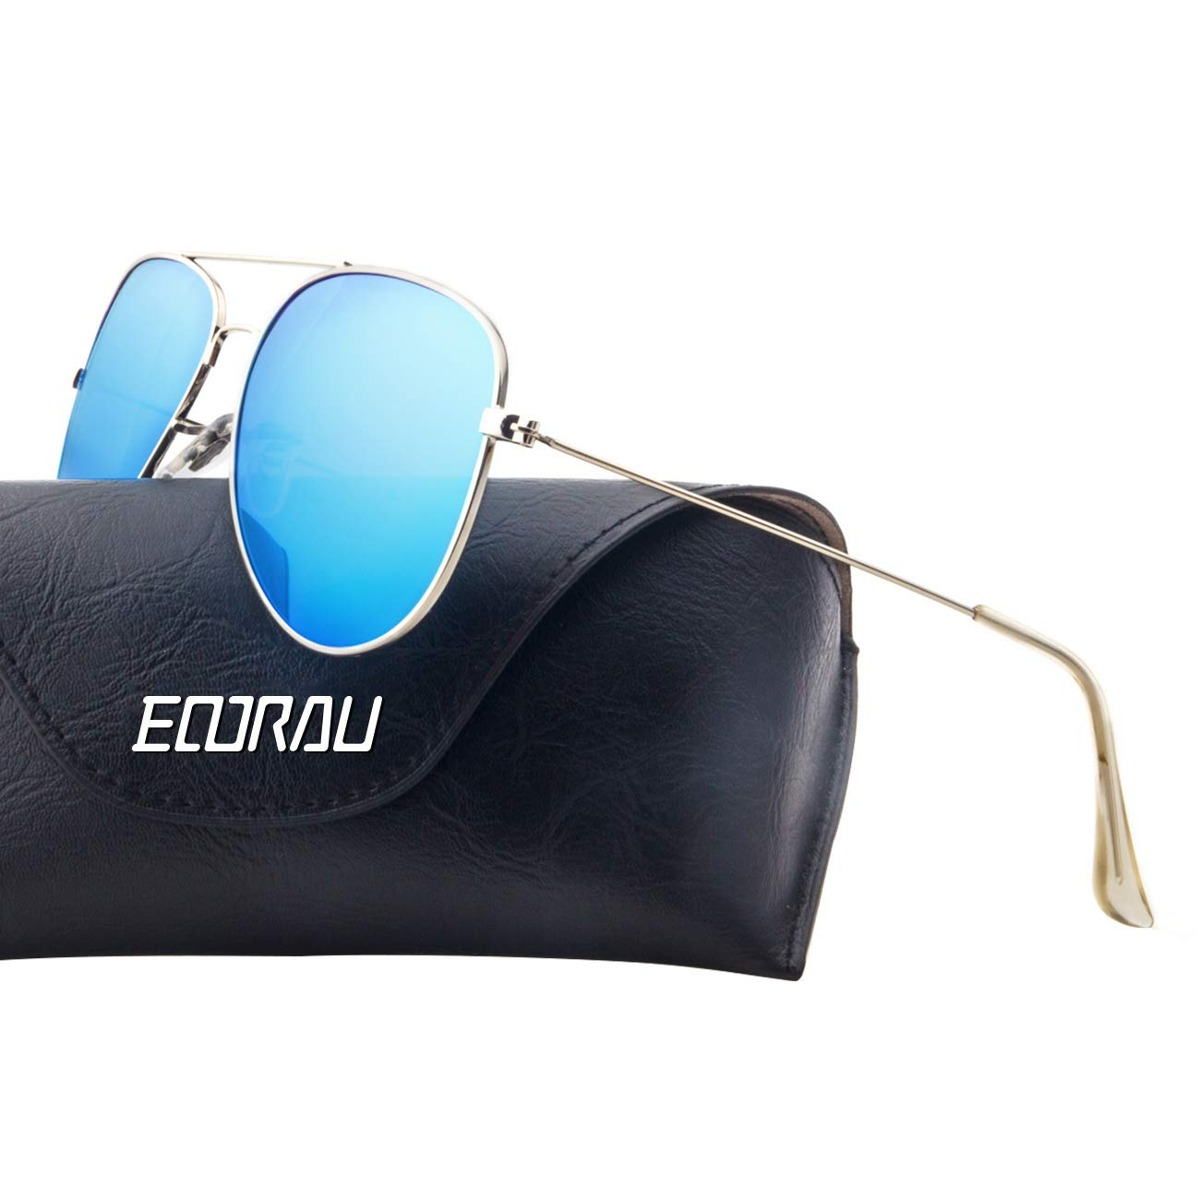 8017040bf9 Cargando zoom... gafas de sol aviador eoorau polarizadas uv 400 ...